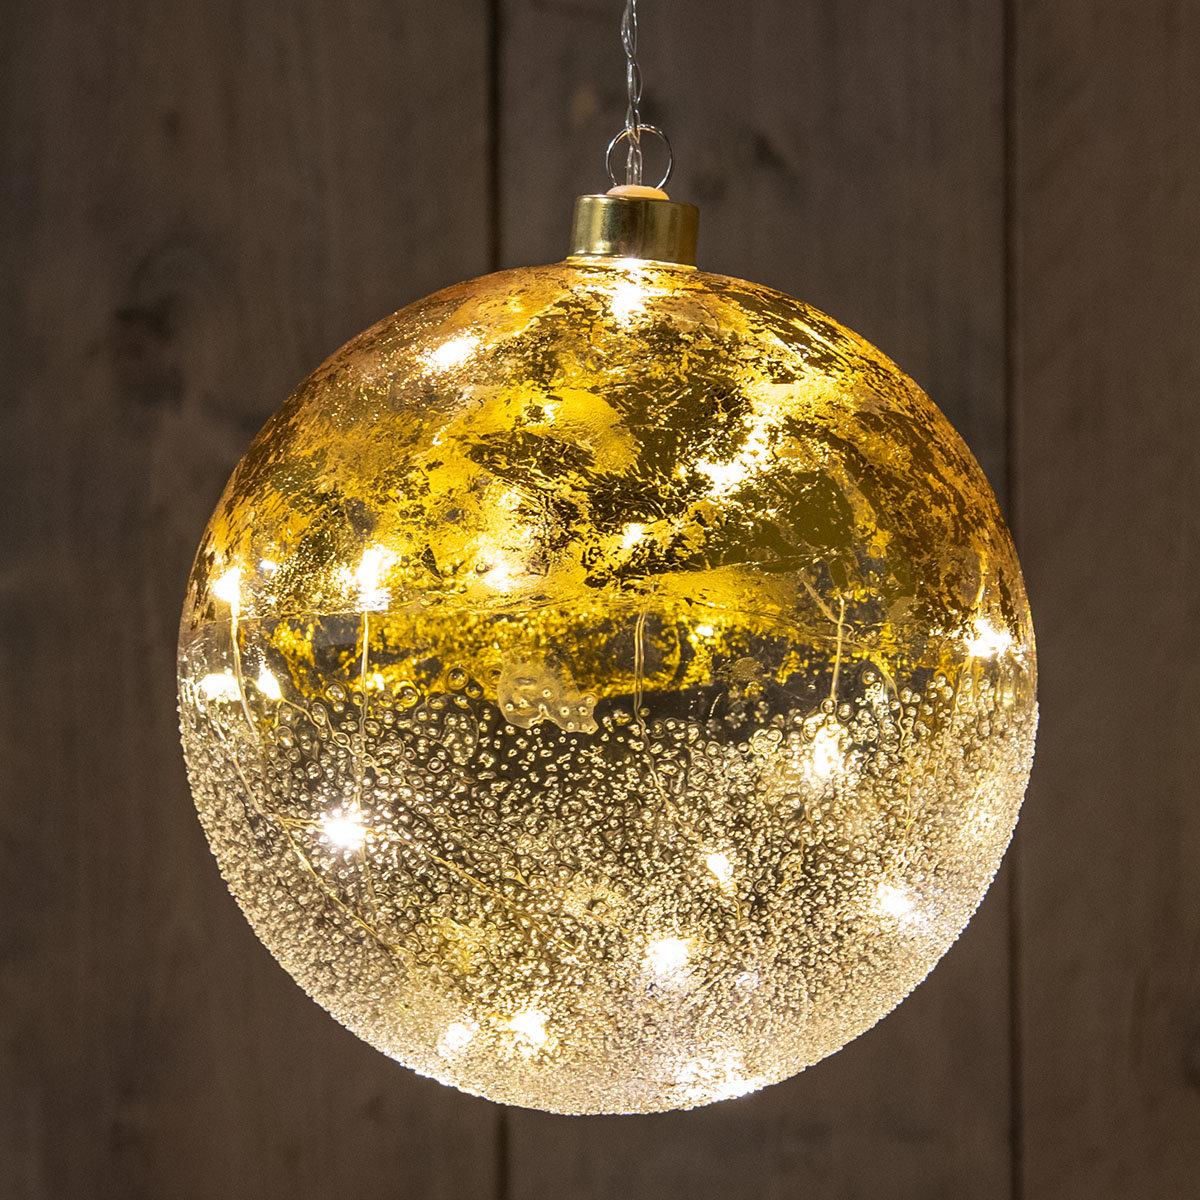 LED-Glaskugel mit Sternen, 15 cm, gold